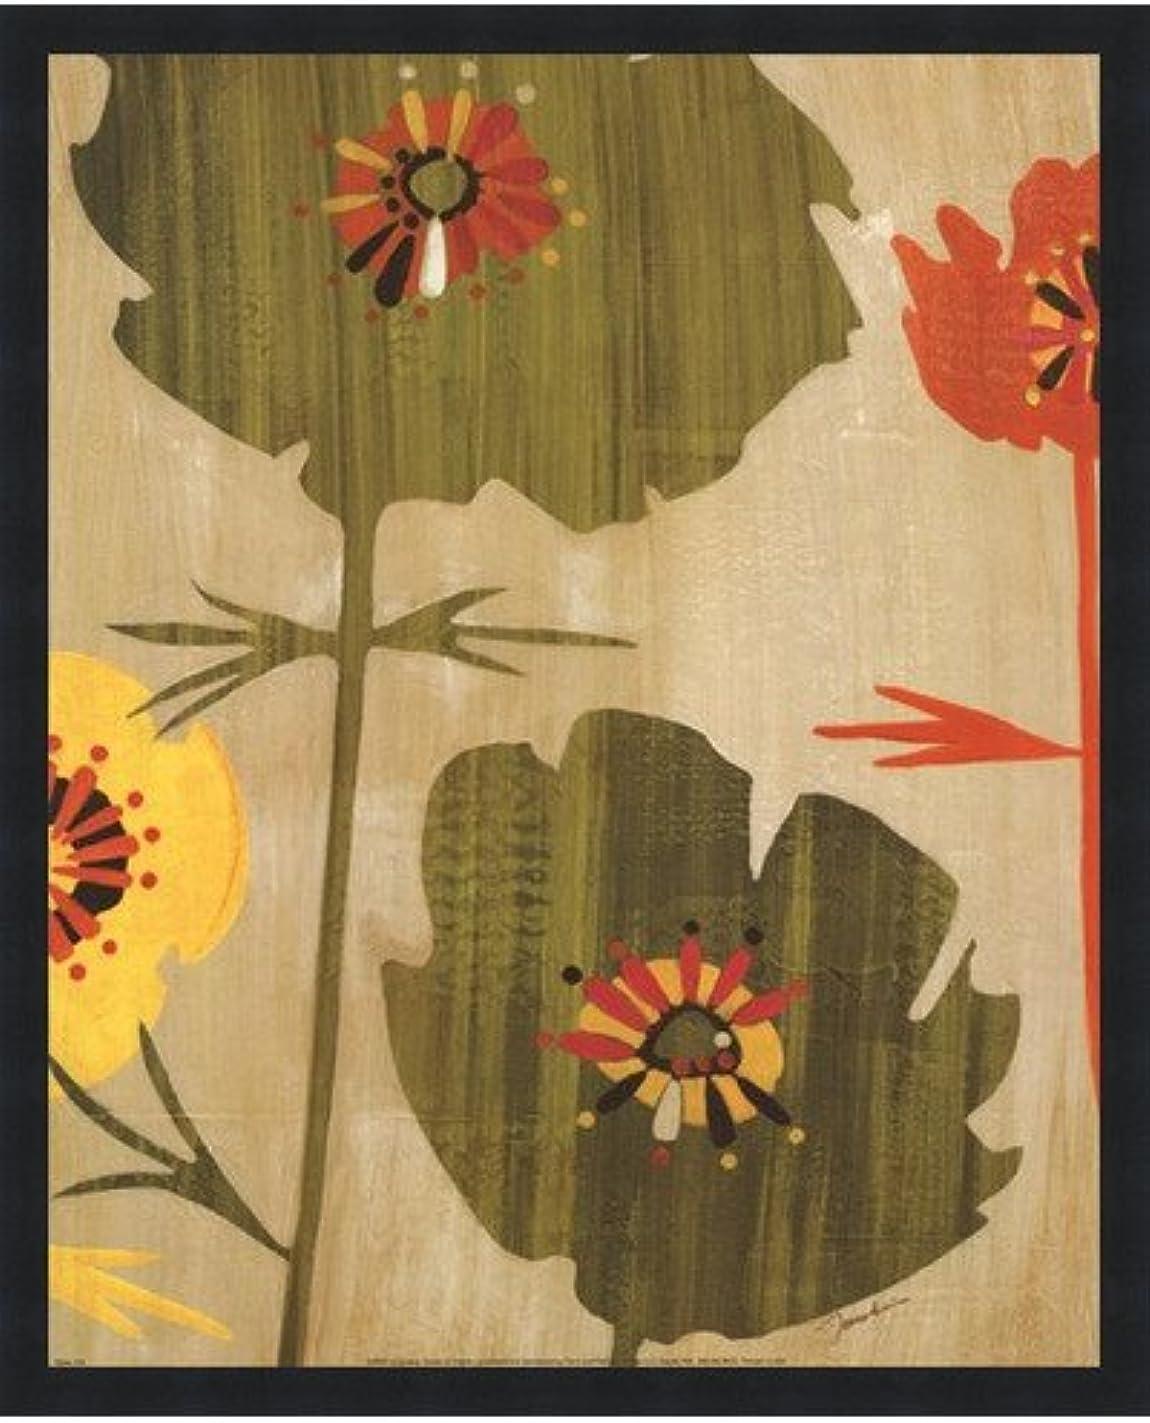 拒絶親密な優れたエデンの園I by Liz Jardine – 16 x 20インチ – アートプリントポスター 16 x 20インチ LE_659993-F101-16x20